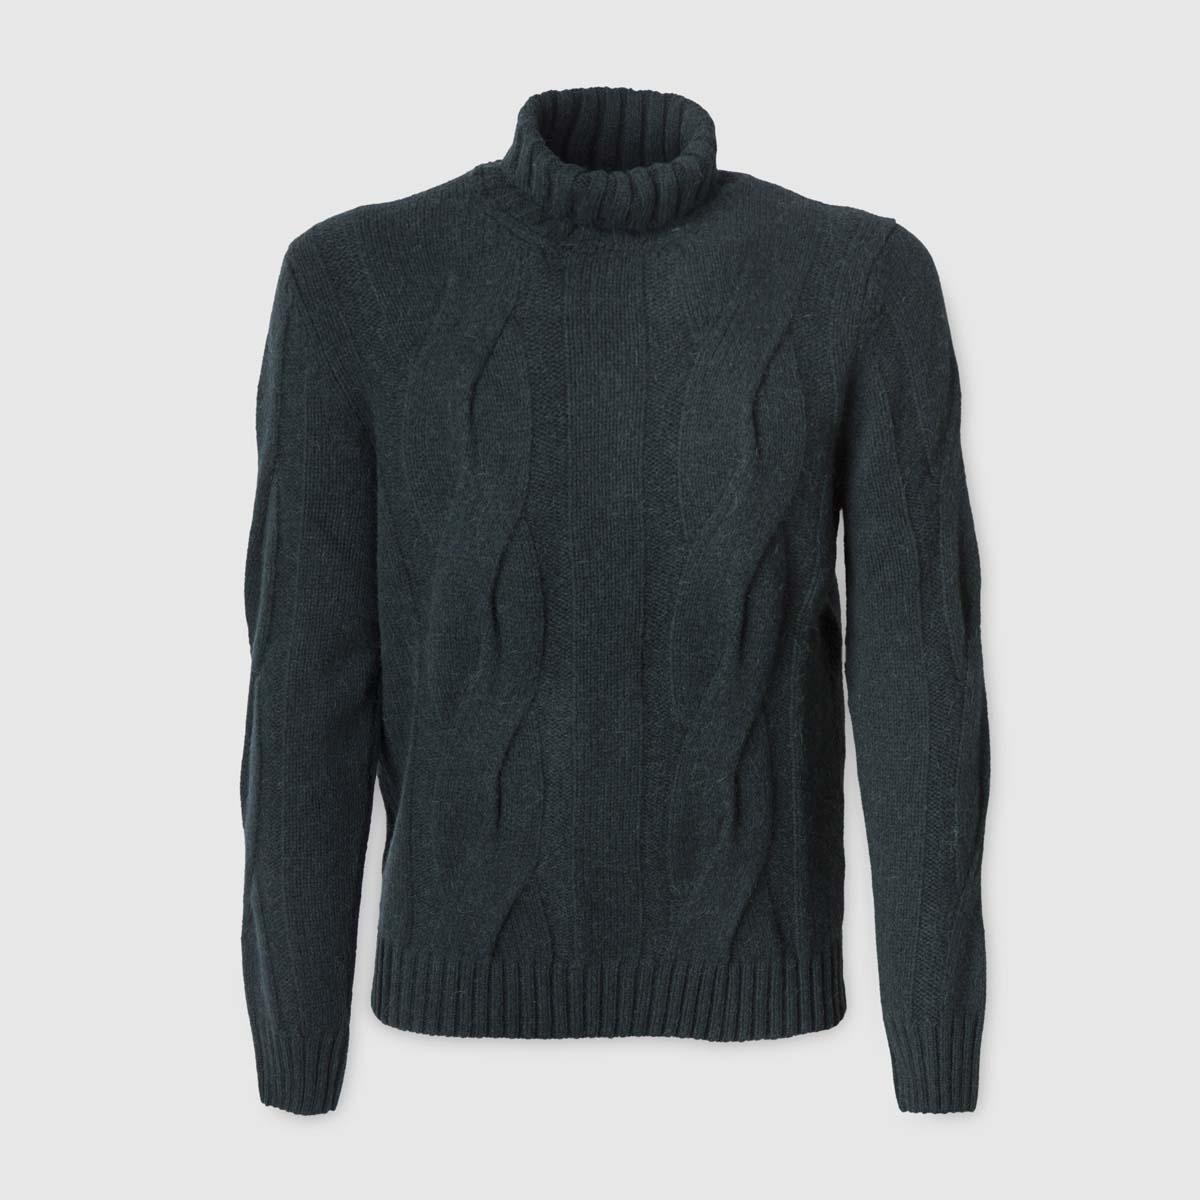 Maglione verdone in Alpaca e Mohair con treccia